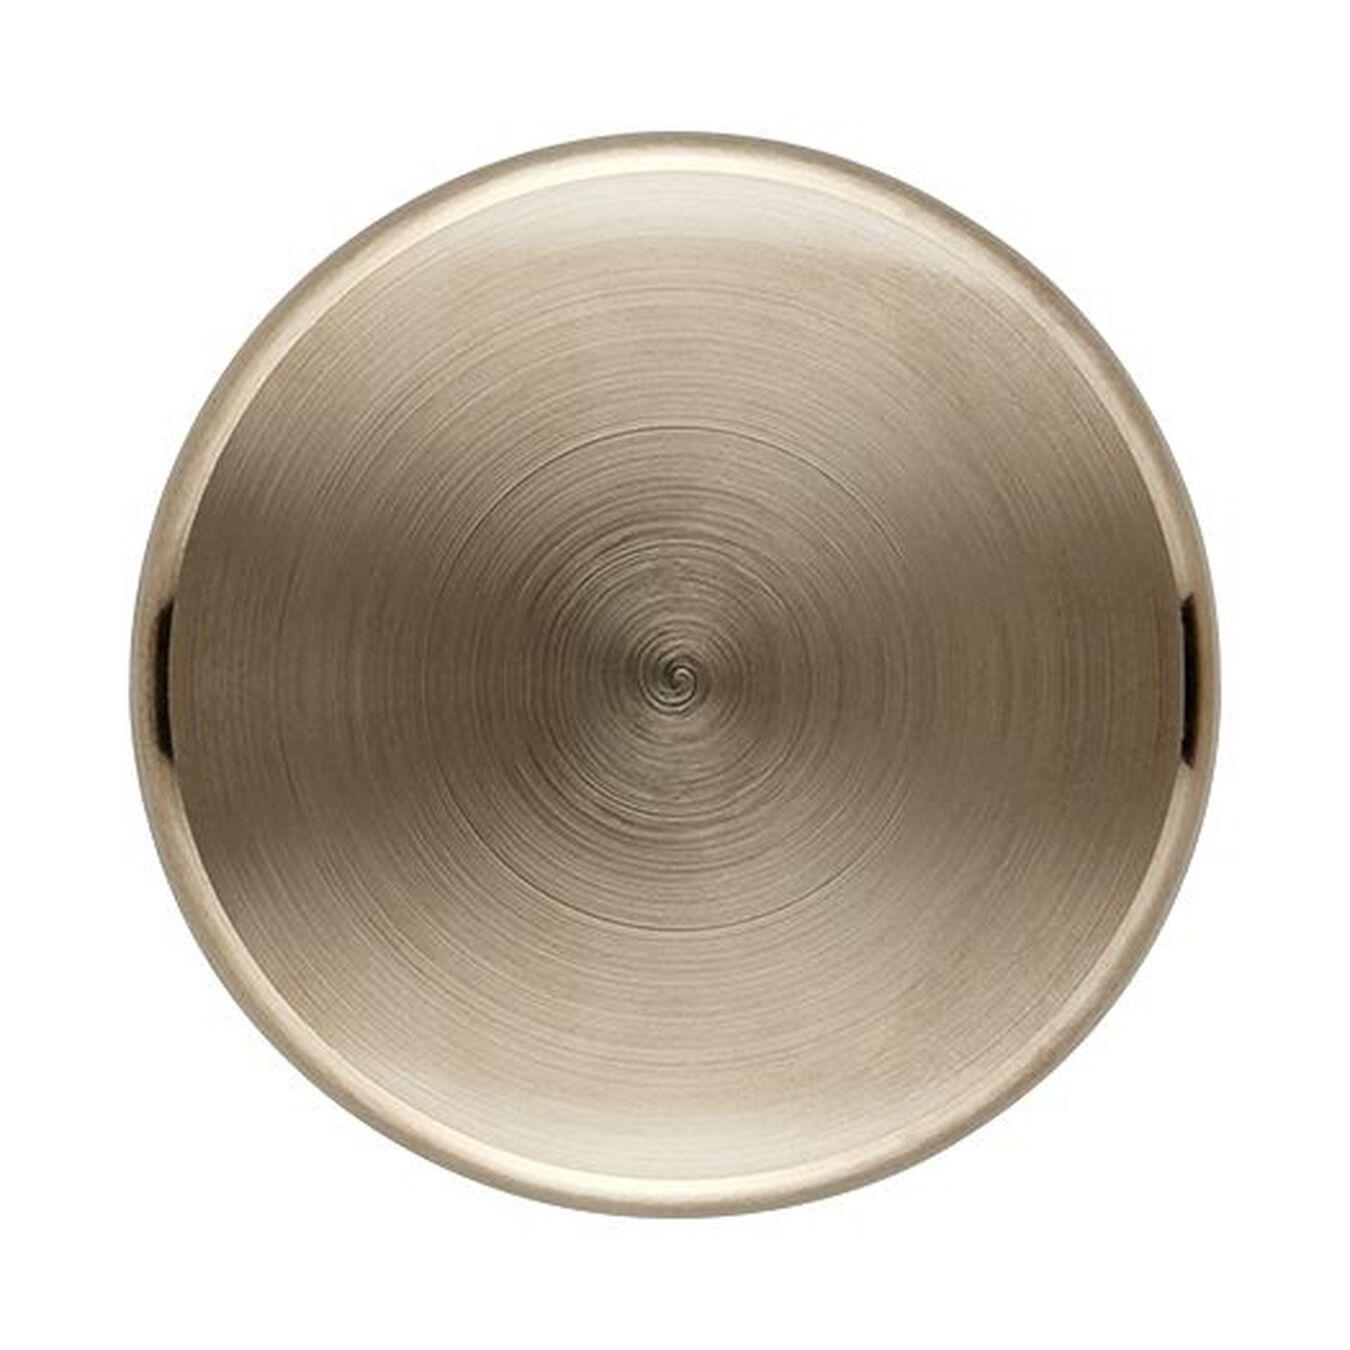 Pomello rotondo - 4 cm, ottone,,large 2